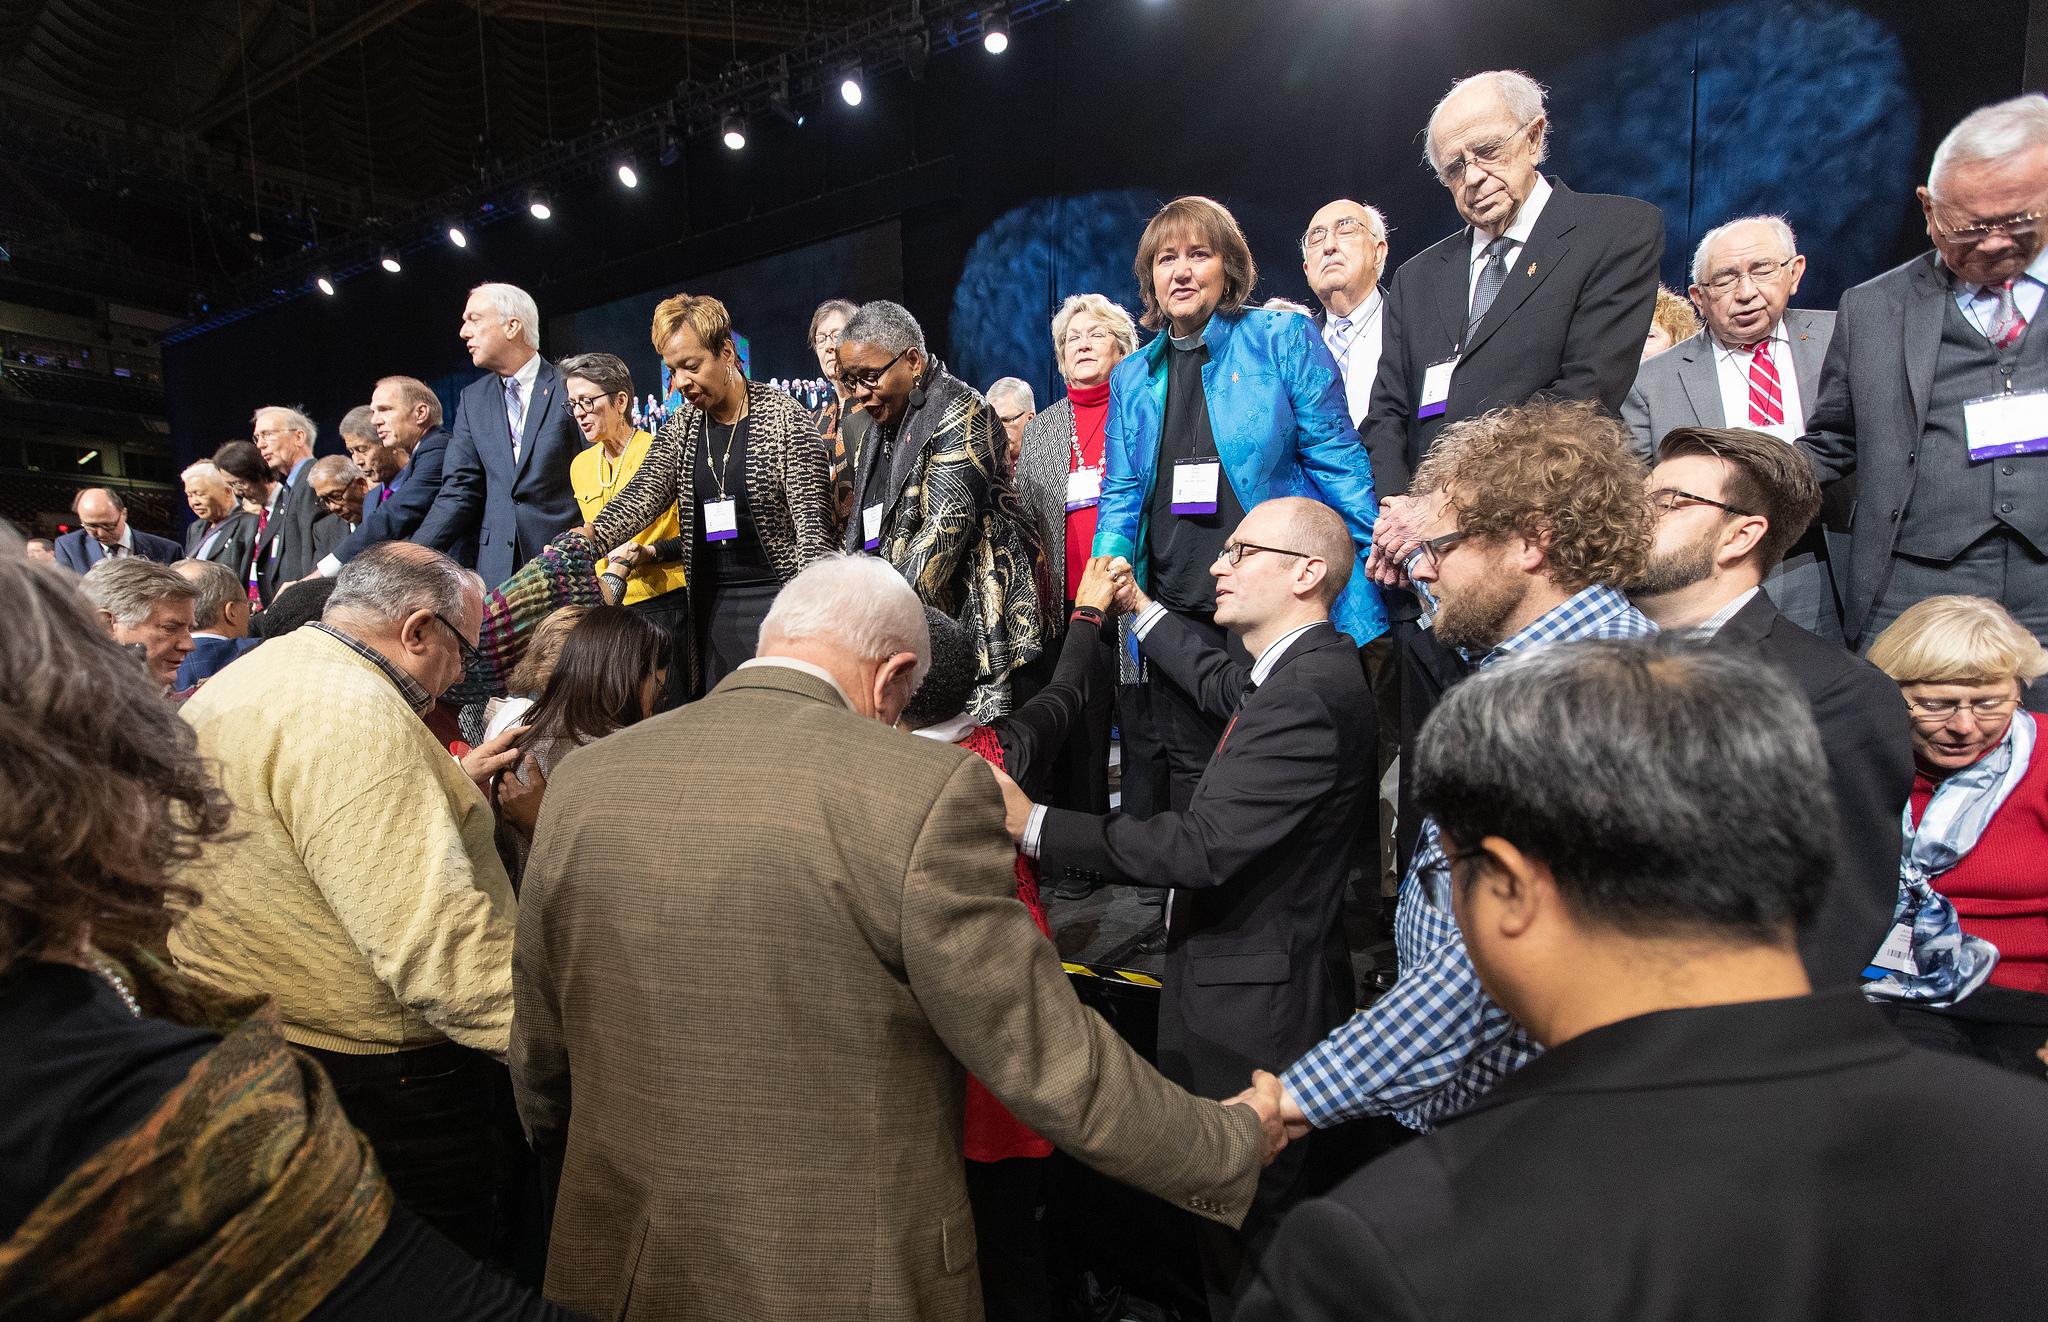 Los/as delegados/as y los/as obispos/as se unen en oración al frente de la tarima central antes de una votación clave sobre las políticas de la iglesia sobre la homosexualidad durante la Conferencia General Metodista Unida de 2019 en San Luis. Foto de Mike DuBose, SMUN.